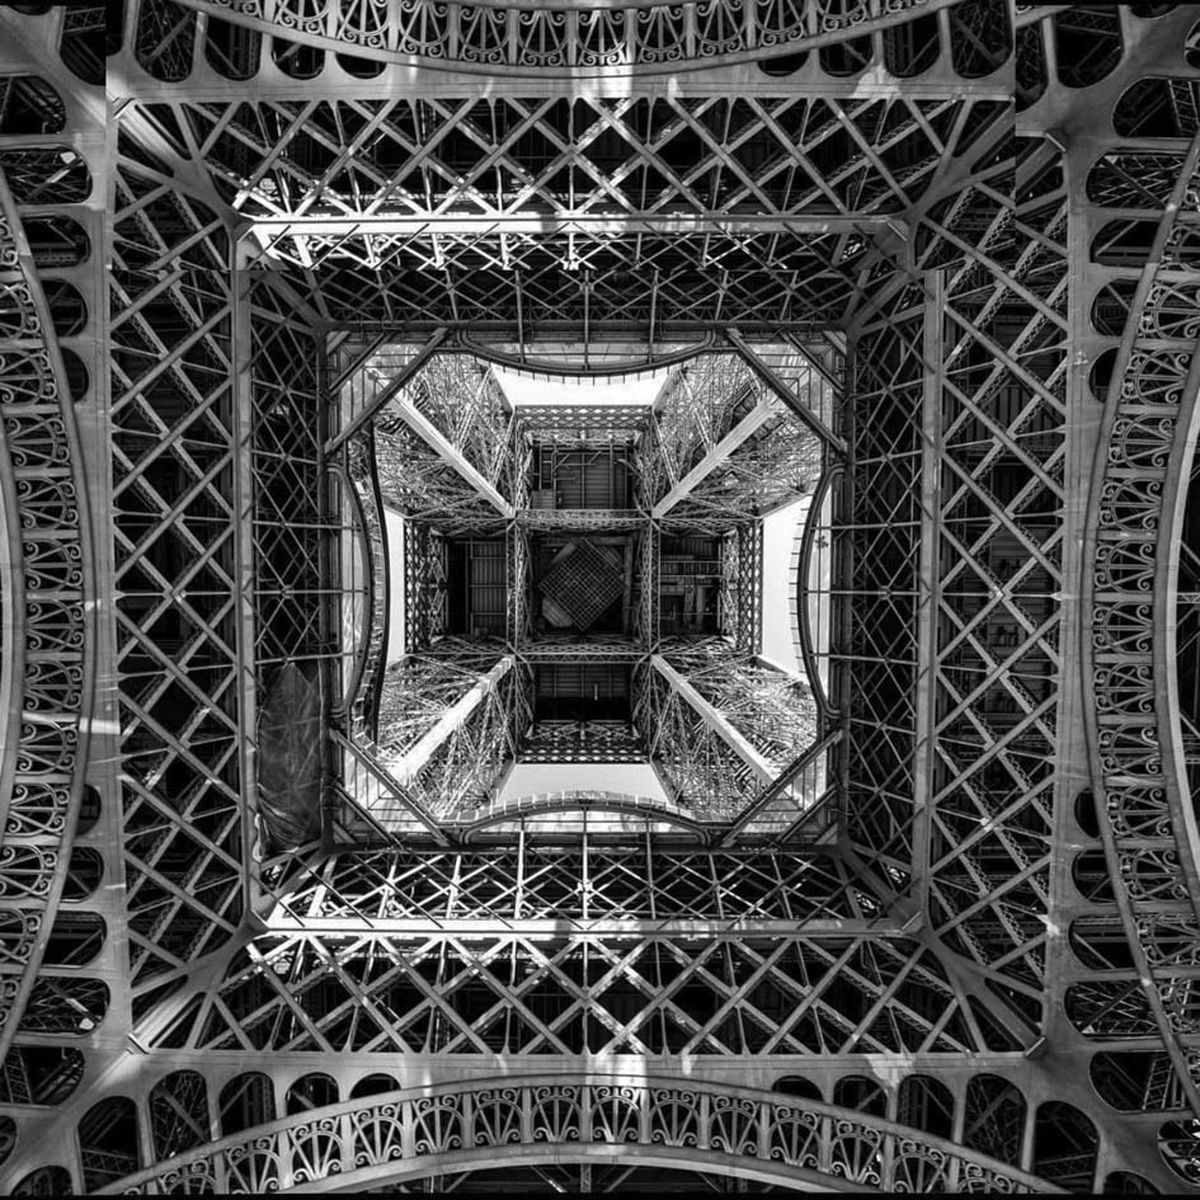 نمایی از زیر برج ایفل که هرگز ندیده اید